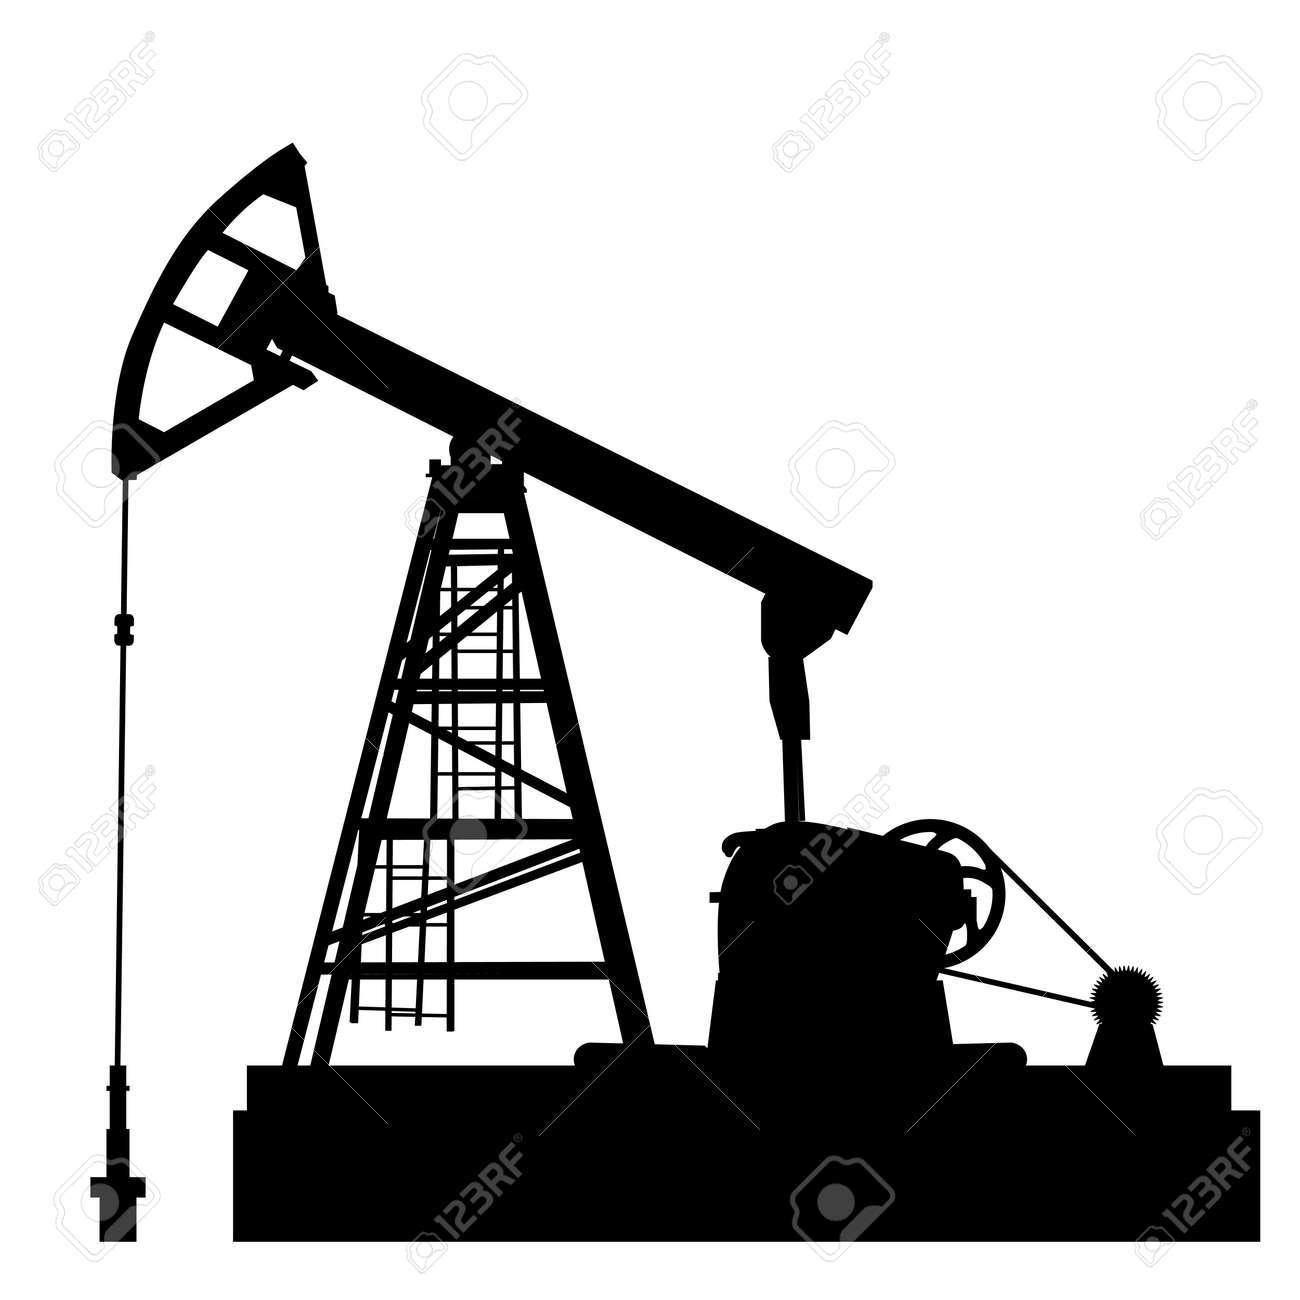 Oil pump jack. Oil industry equipment. Vector illustration. - 22886709